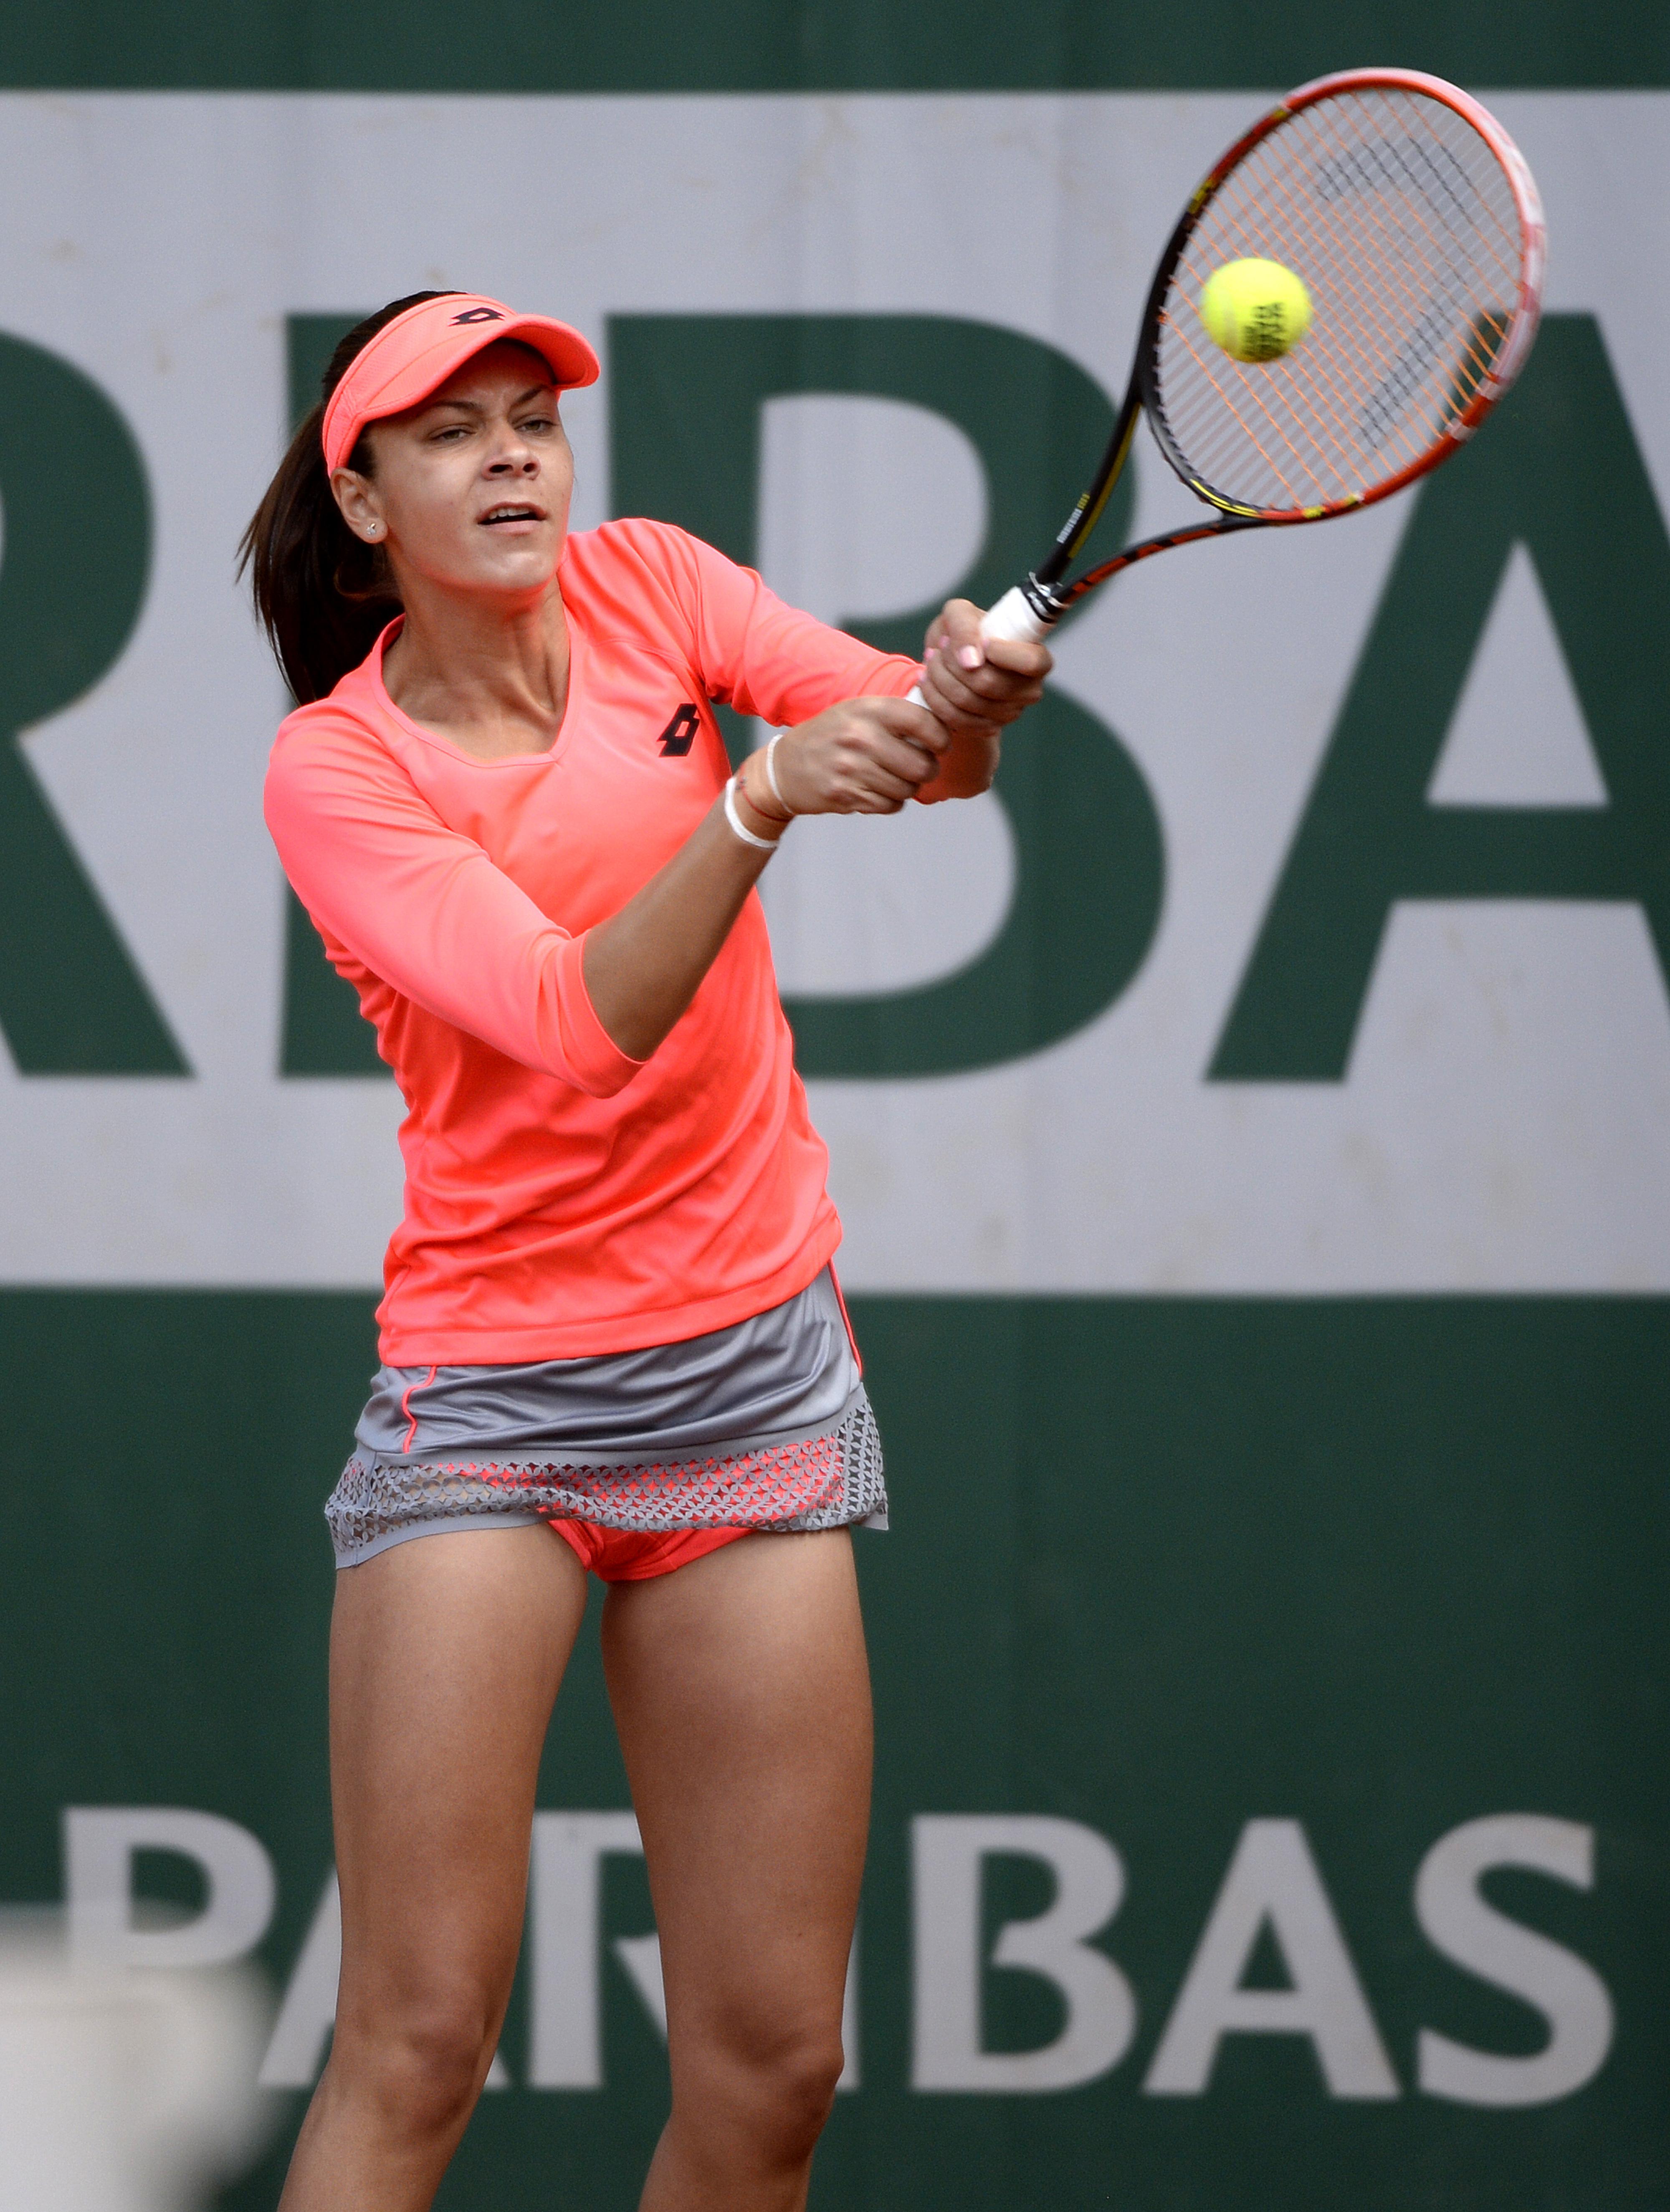 Andreea Mitu este gravidă. Jucătoarea a renunțat la tenis și se concentrează pe rolul de viitoare mămică